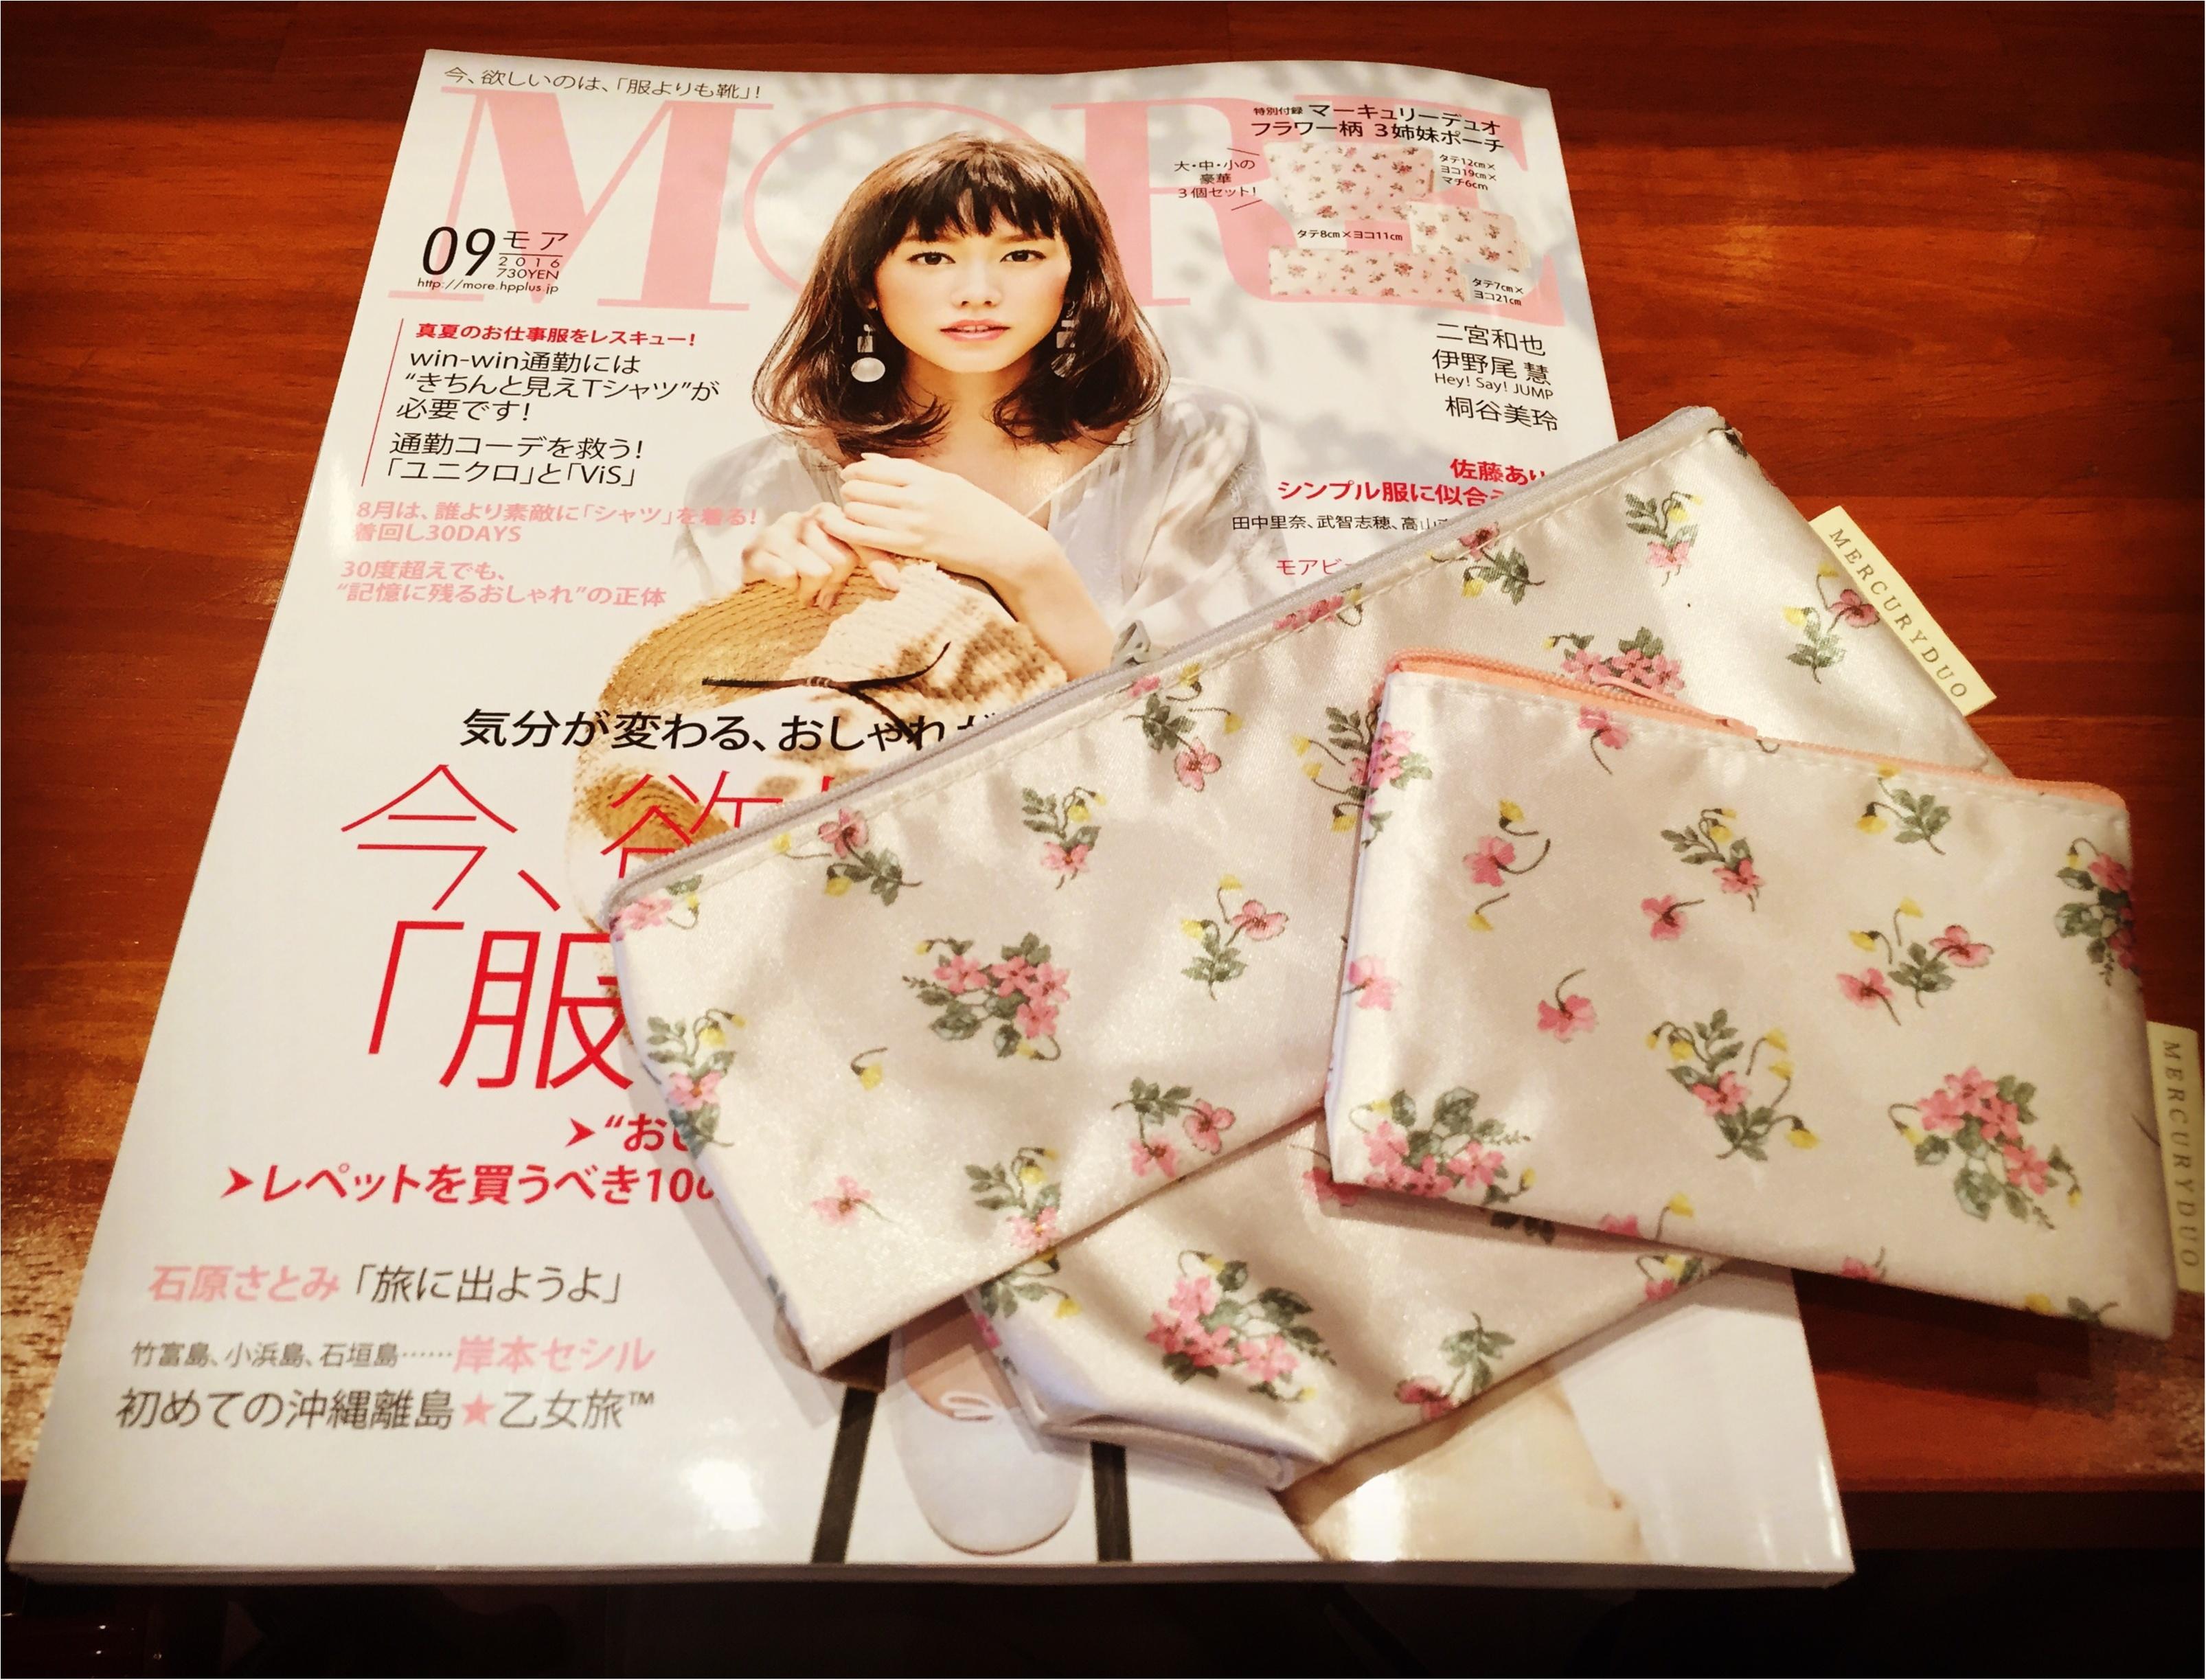 本日発売!!《*MORE9月号*》の見どころを早速チェック☆★〜ファッションからライフスタイルまで、充実の200ページの魅力〜_1